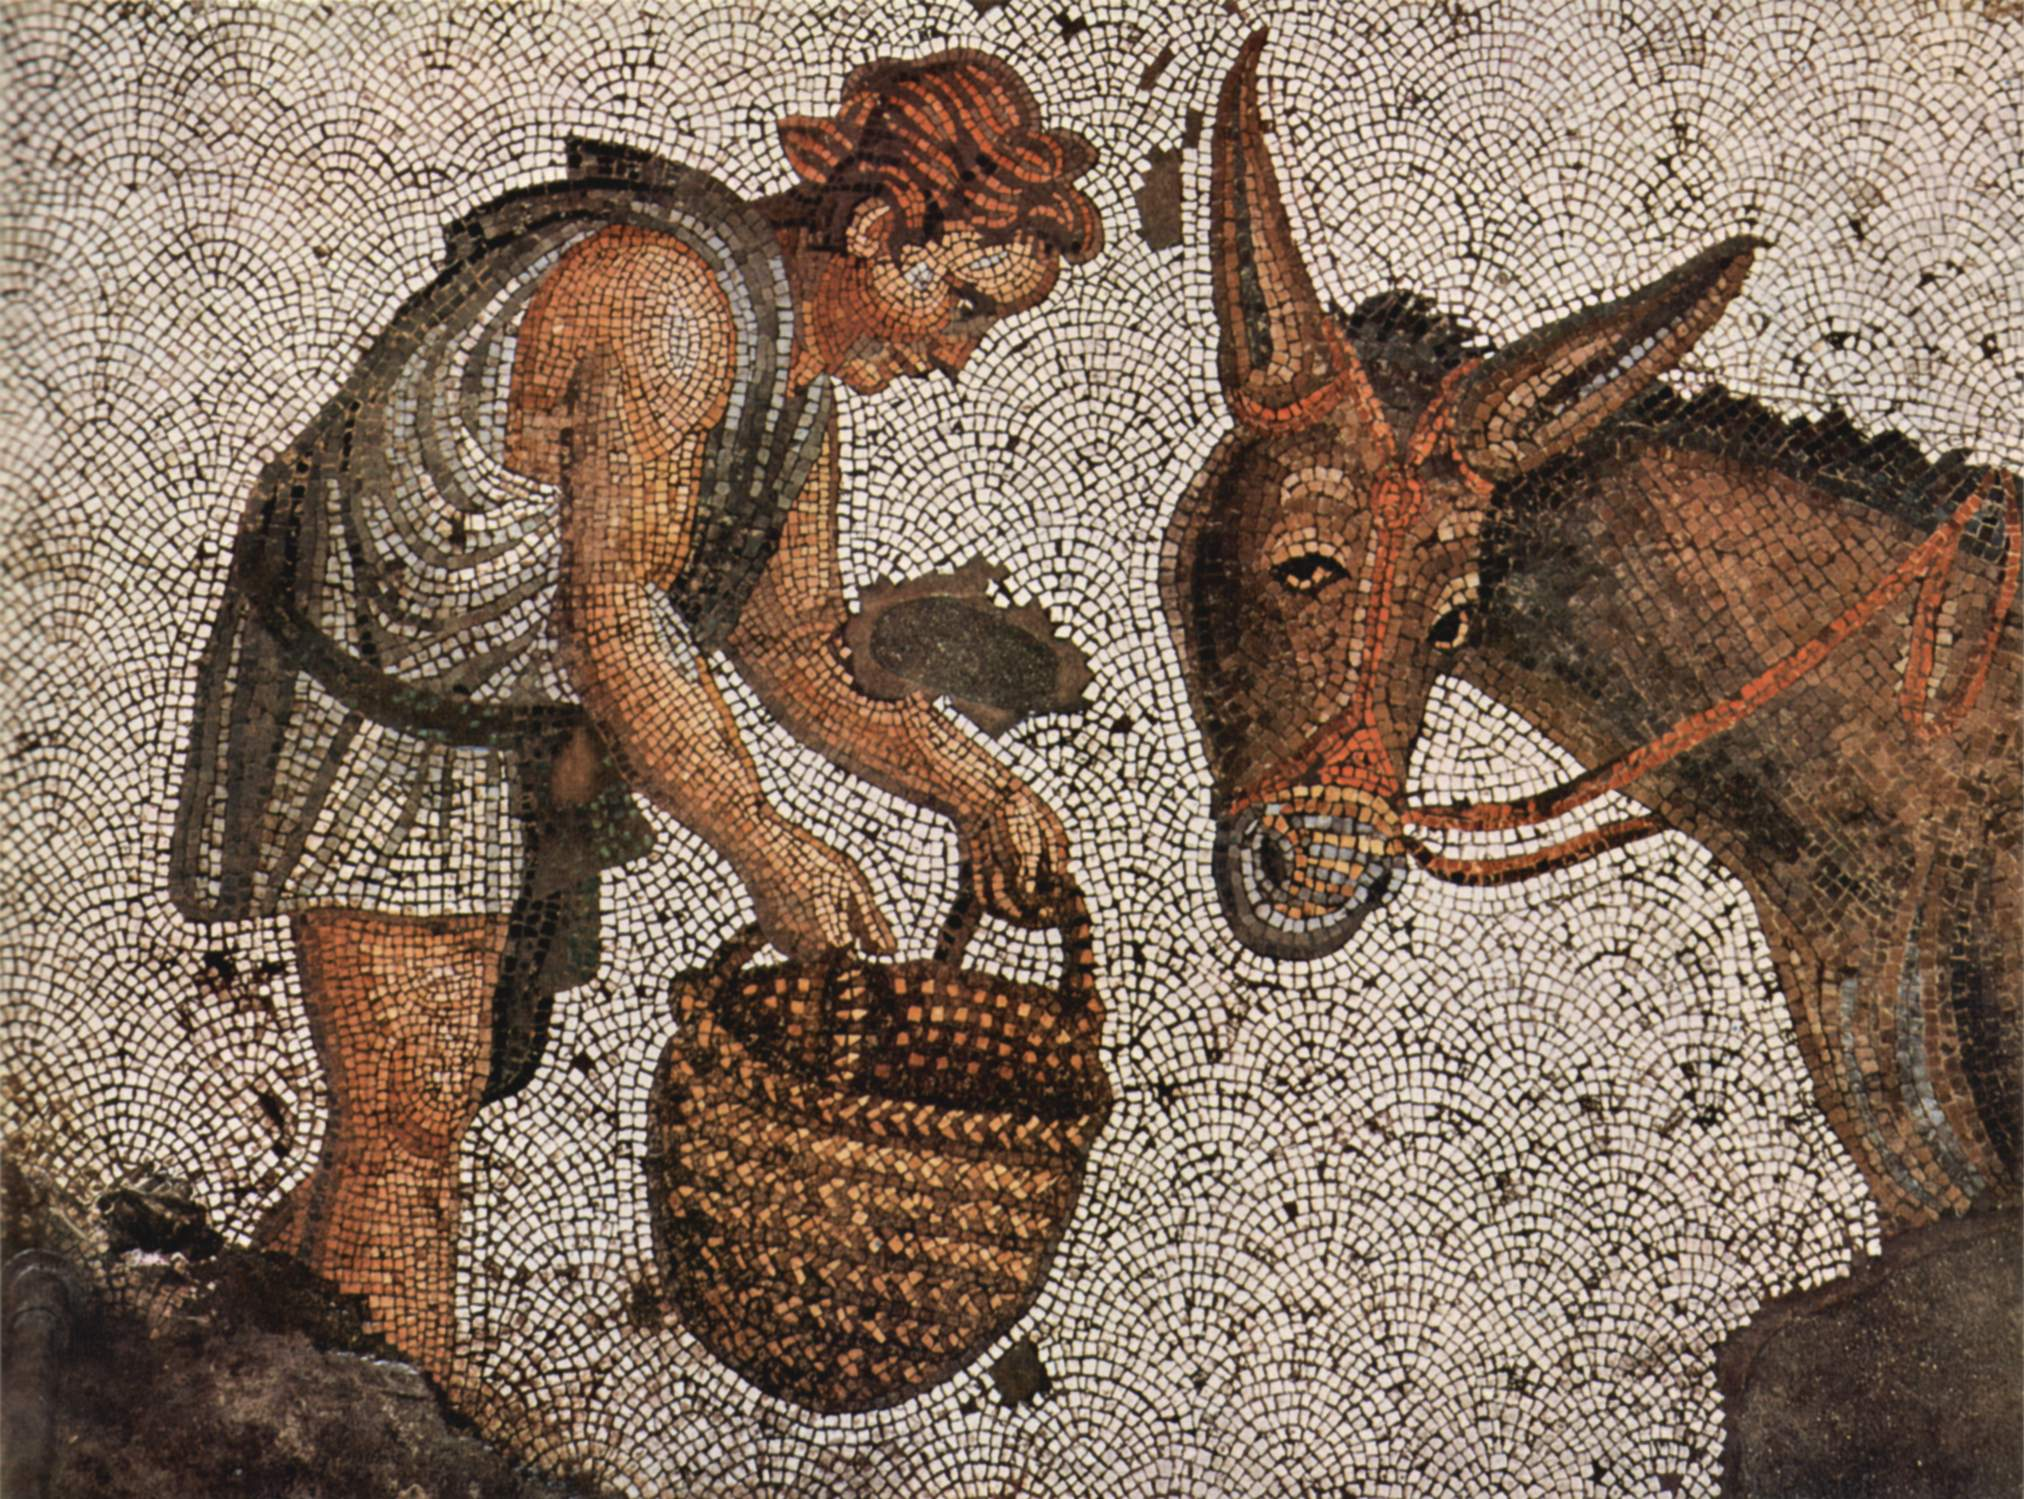 Asno de Buridán - Wikipedia, la enciclopedia libre